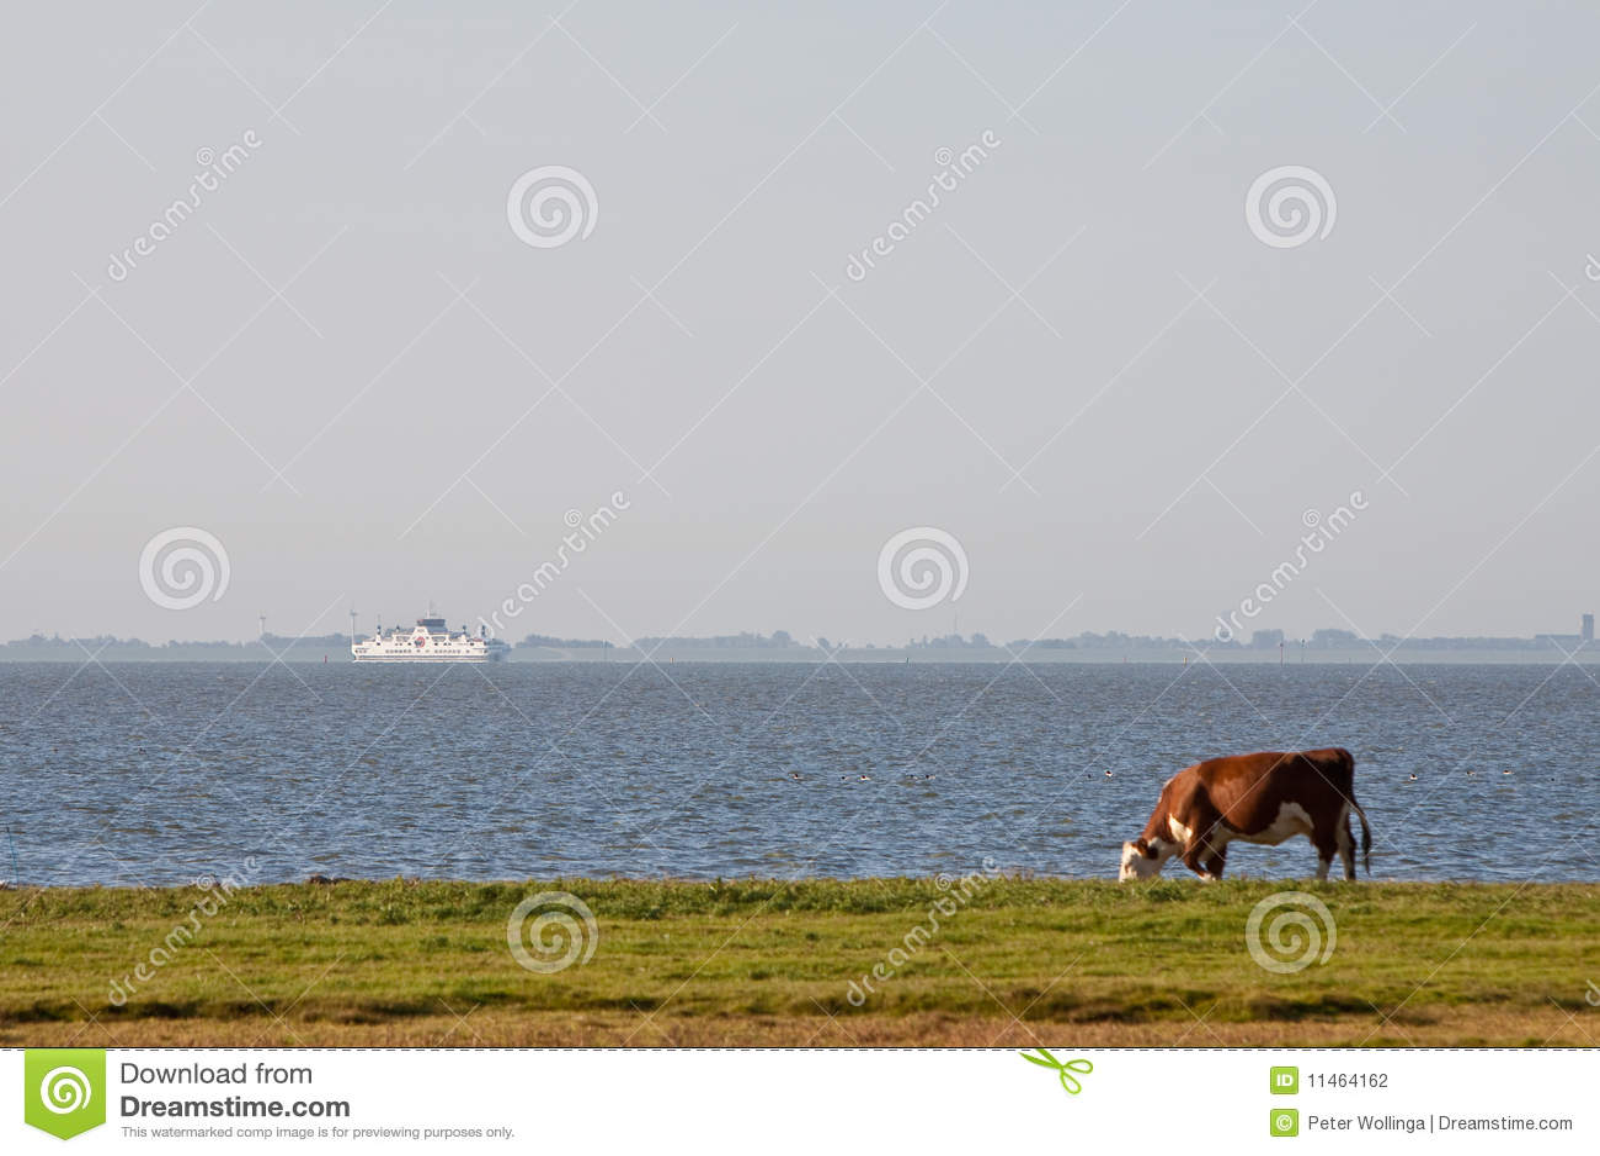 Vaca que pasta en tierras de labrantío cerca del agua